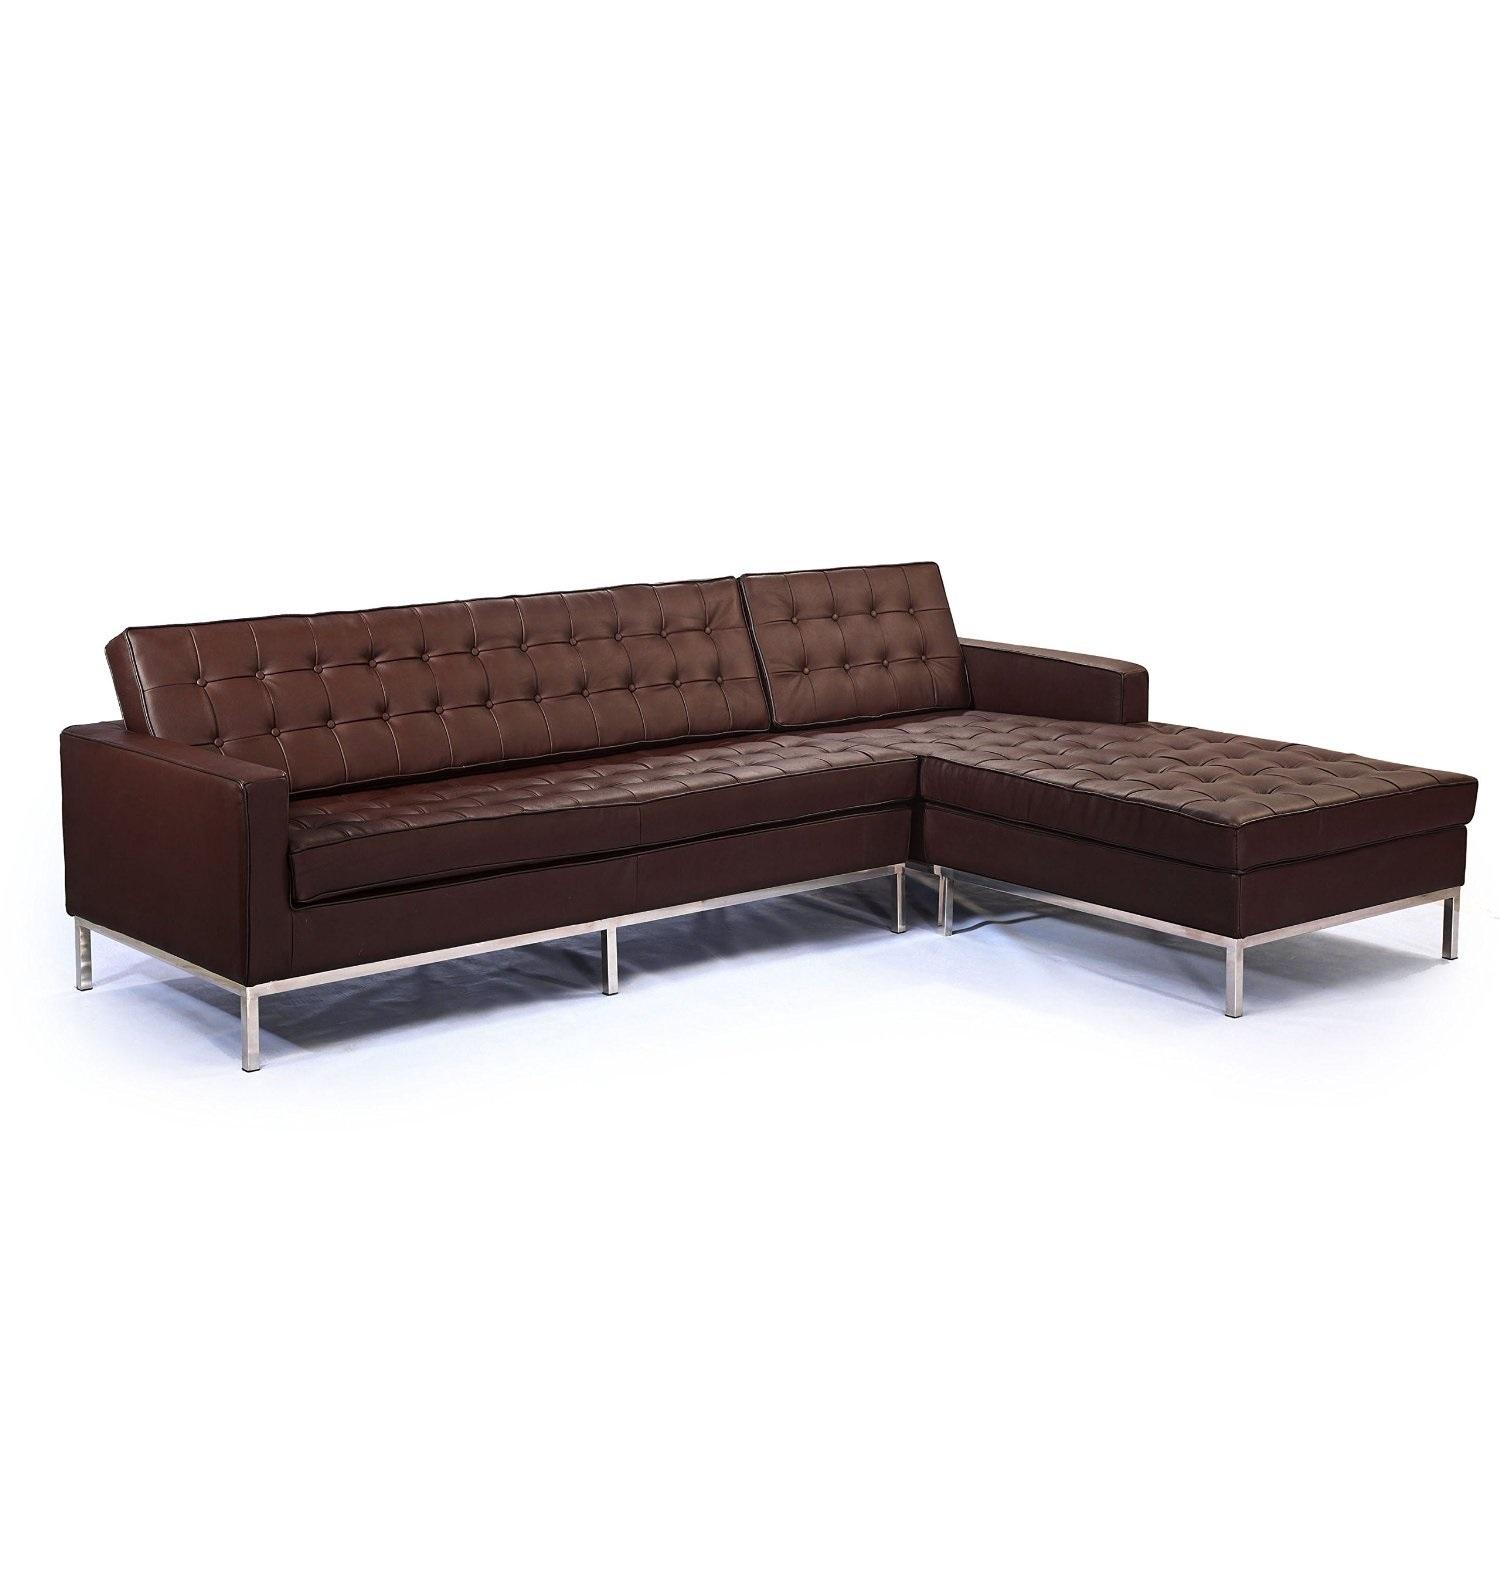 Диван четырехместный  Knoll corner sofaКожаные диваны<br>Сдержанное оформление этого вместительного дивана было создано известной Флоренс Кнолл в 1954 году. Ученица Людвига Мис ван дер Роэ использовала в своем творении его страсть к безупречным пропорциям. Идеальная геометрия дивана сделала его облик благородным и роскошным. Сиденье из коричневой кожи, возвышающееся на полированных ножках из металла, выглядит аскетично в отсутствии отделки. Облик дивана послужит идеальным дополнением для промышленных, минималистичных и современных гостиных.&amp;lt;div&amp;gt;&amp;lt;br&amp;gt;&amp;lt;/div&amp;gt;&amp;lt;div&amp;gt;Данная модель дивана Knoll изготовлена из кожи коллекции Rome, произведенной в Италии. Вы можете выбрать один из 11 насыщенных и благородных оттенков.&amp;lt;/div&amp;gt;&amp;lt;div&amp;gt;Срок изготовления: 20-25 рабочих дней после оплаты заказа.&amp;lt;/div&amp;gt;<br><br>Material: Кожа<br>Width см: 250<br>Depth см: 80<br>Height см: 80